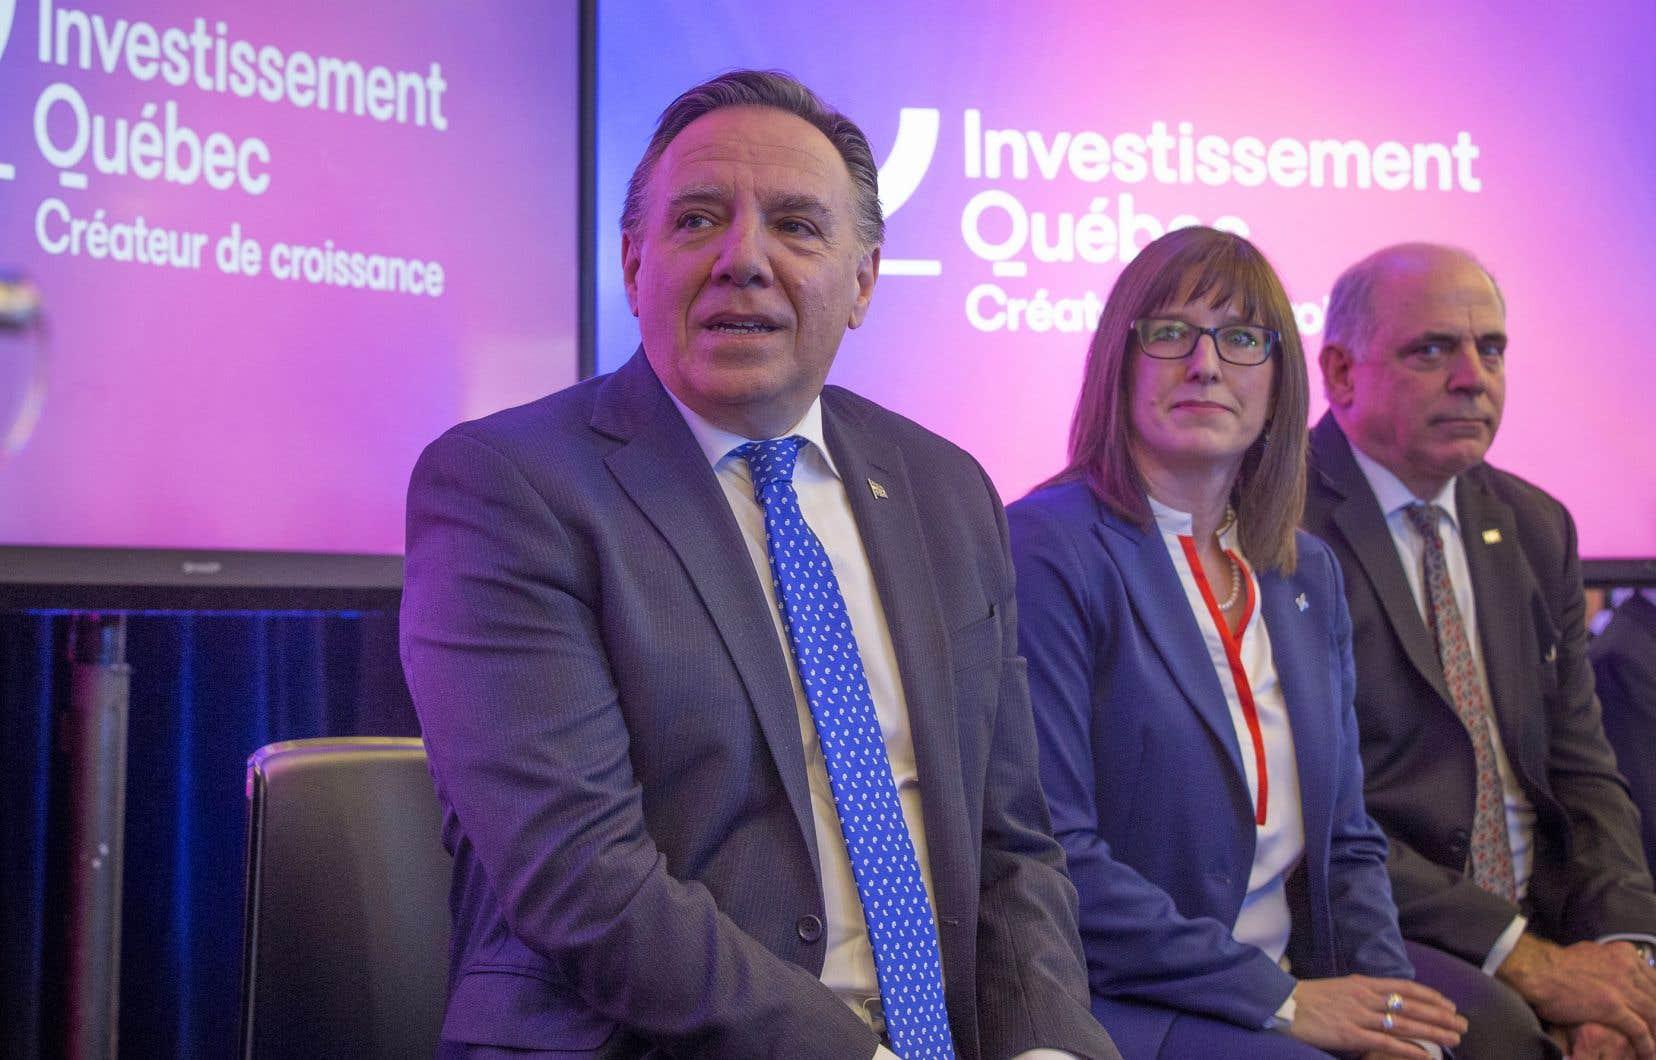 <p>Le premier ministre Legault a procédé lundi à Montréal au lancement du «nouvel» Investissement Québec.</p>